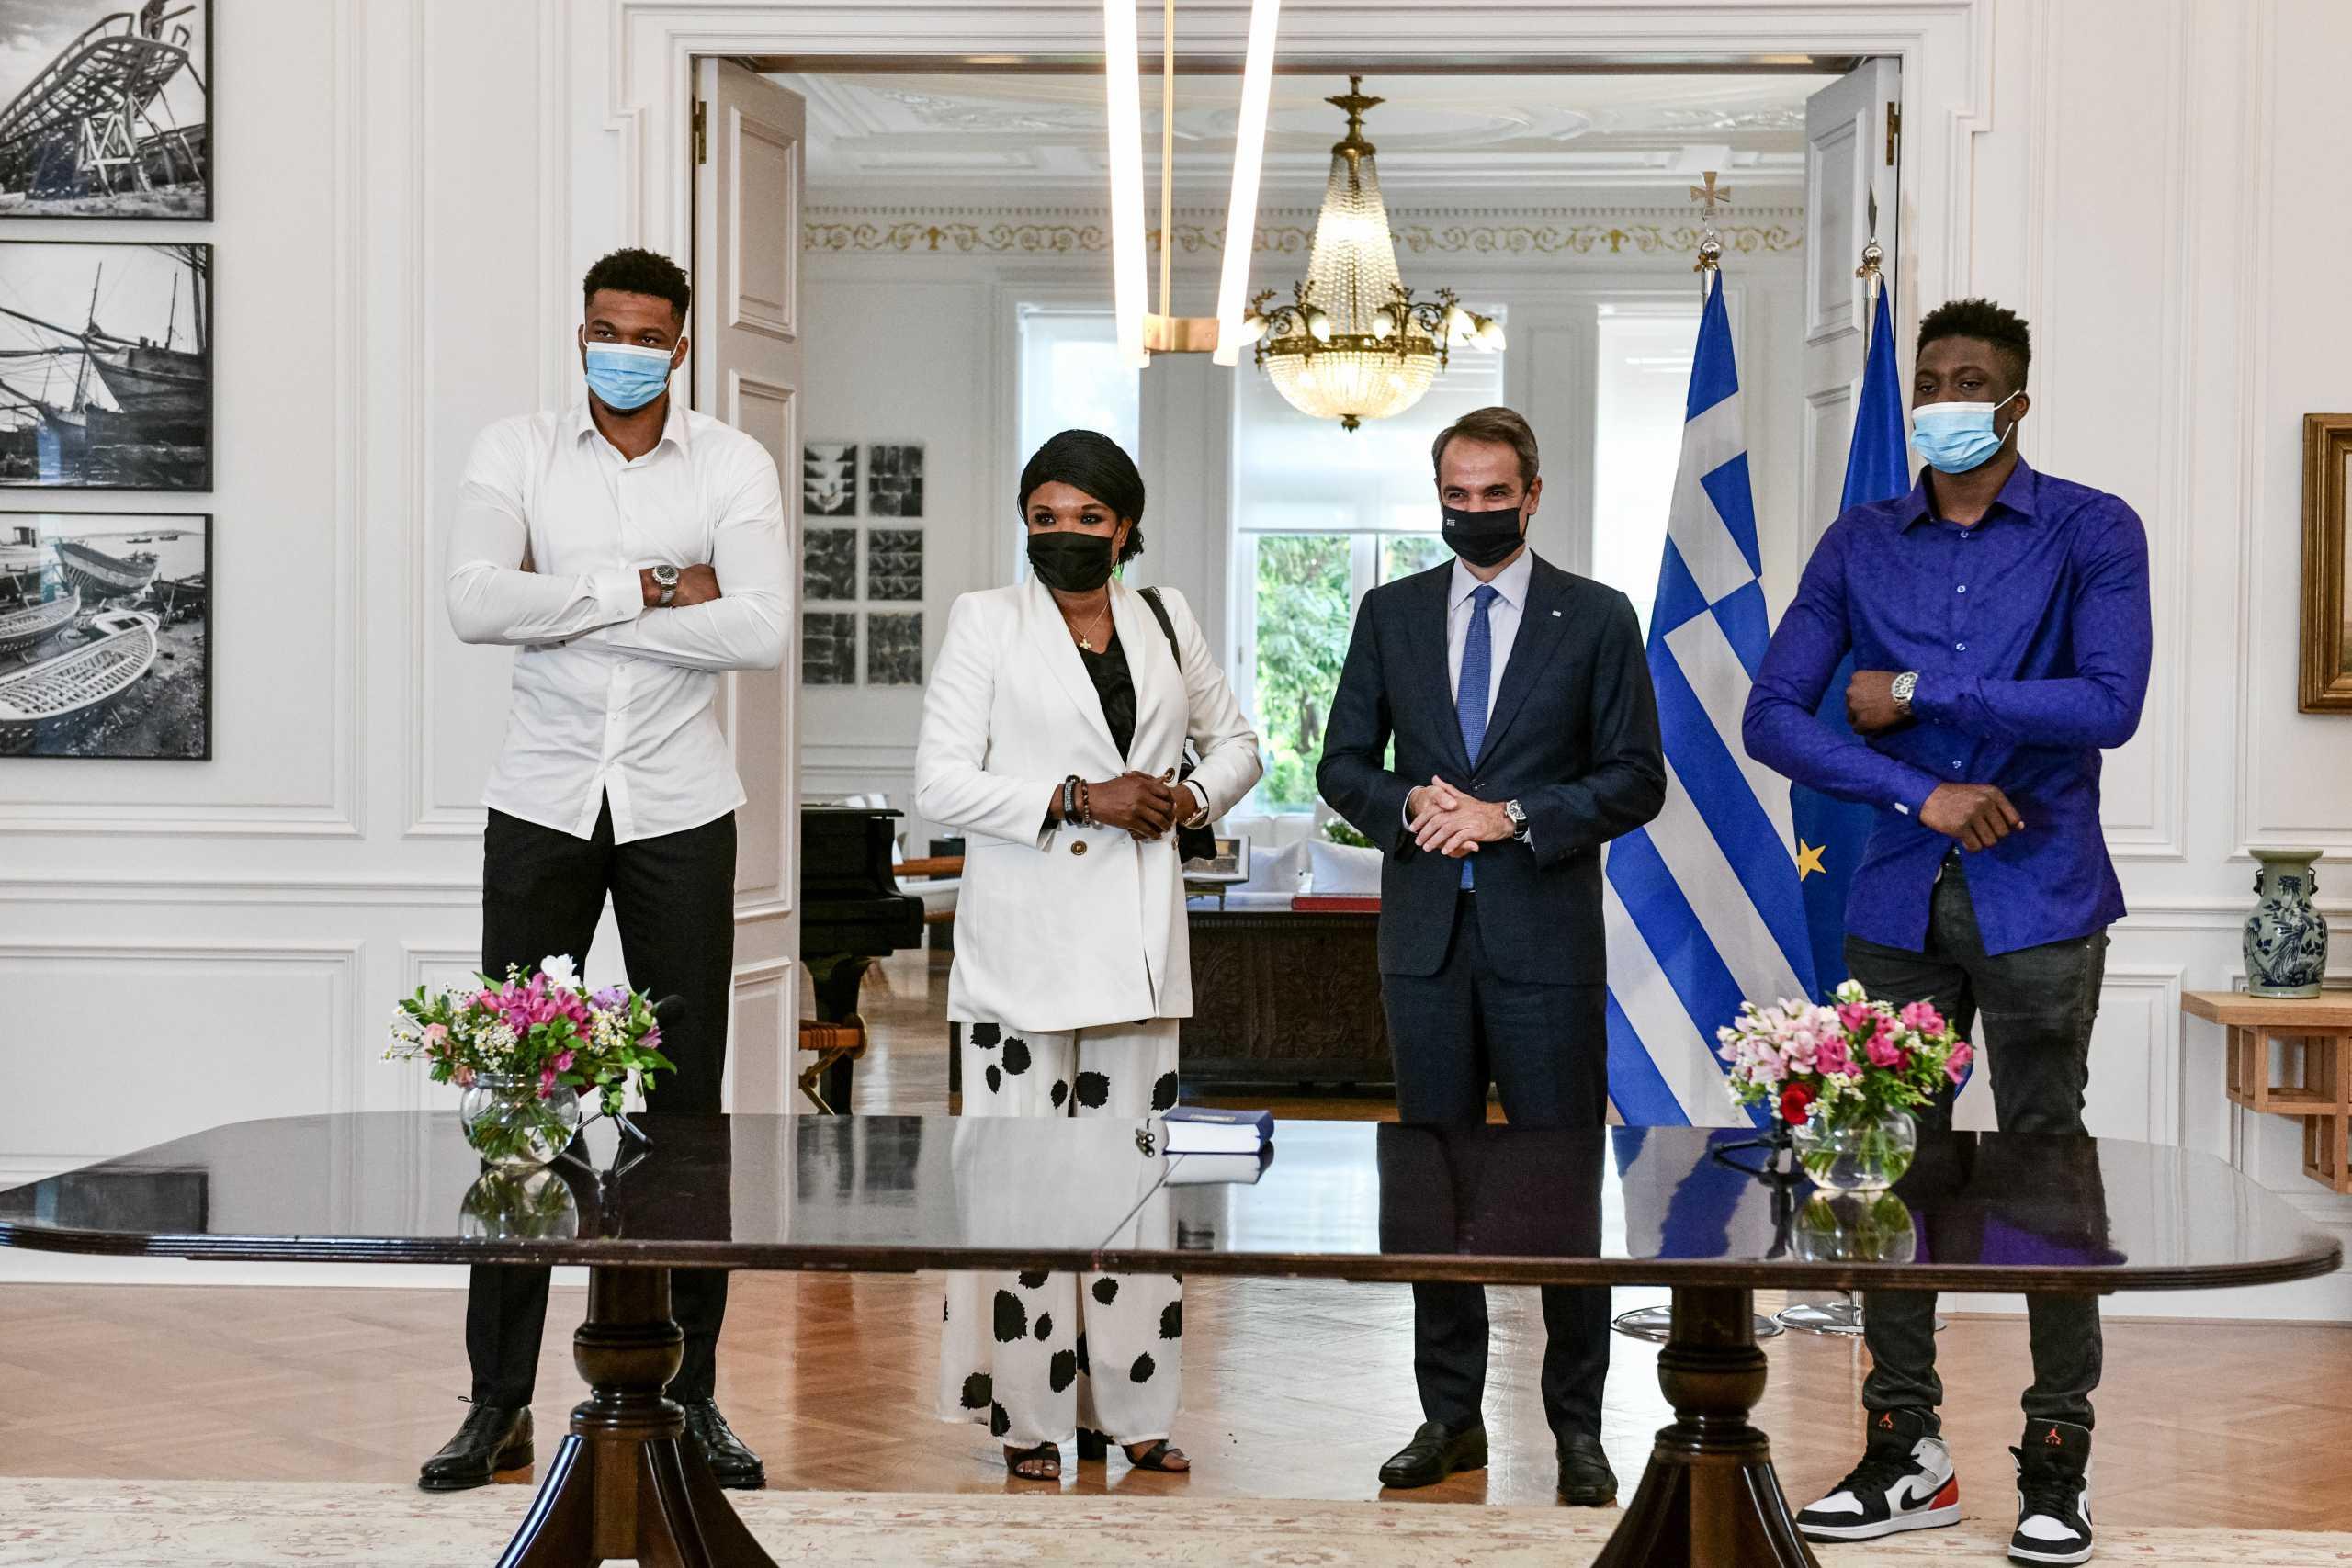 Γιάννης Αντετοκούνμπο στο Μέγαρο Μαξίμου: Έλληνες πολιτογραφήθηκαν η μητέρα κι ο αδερφός του